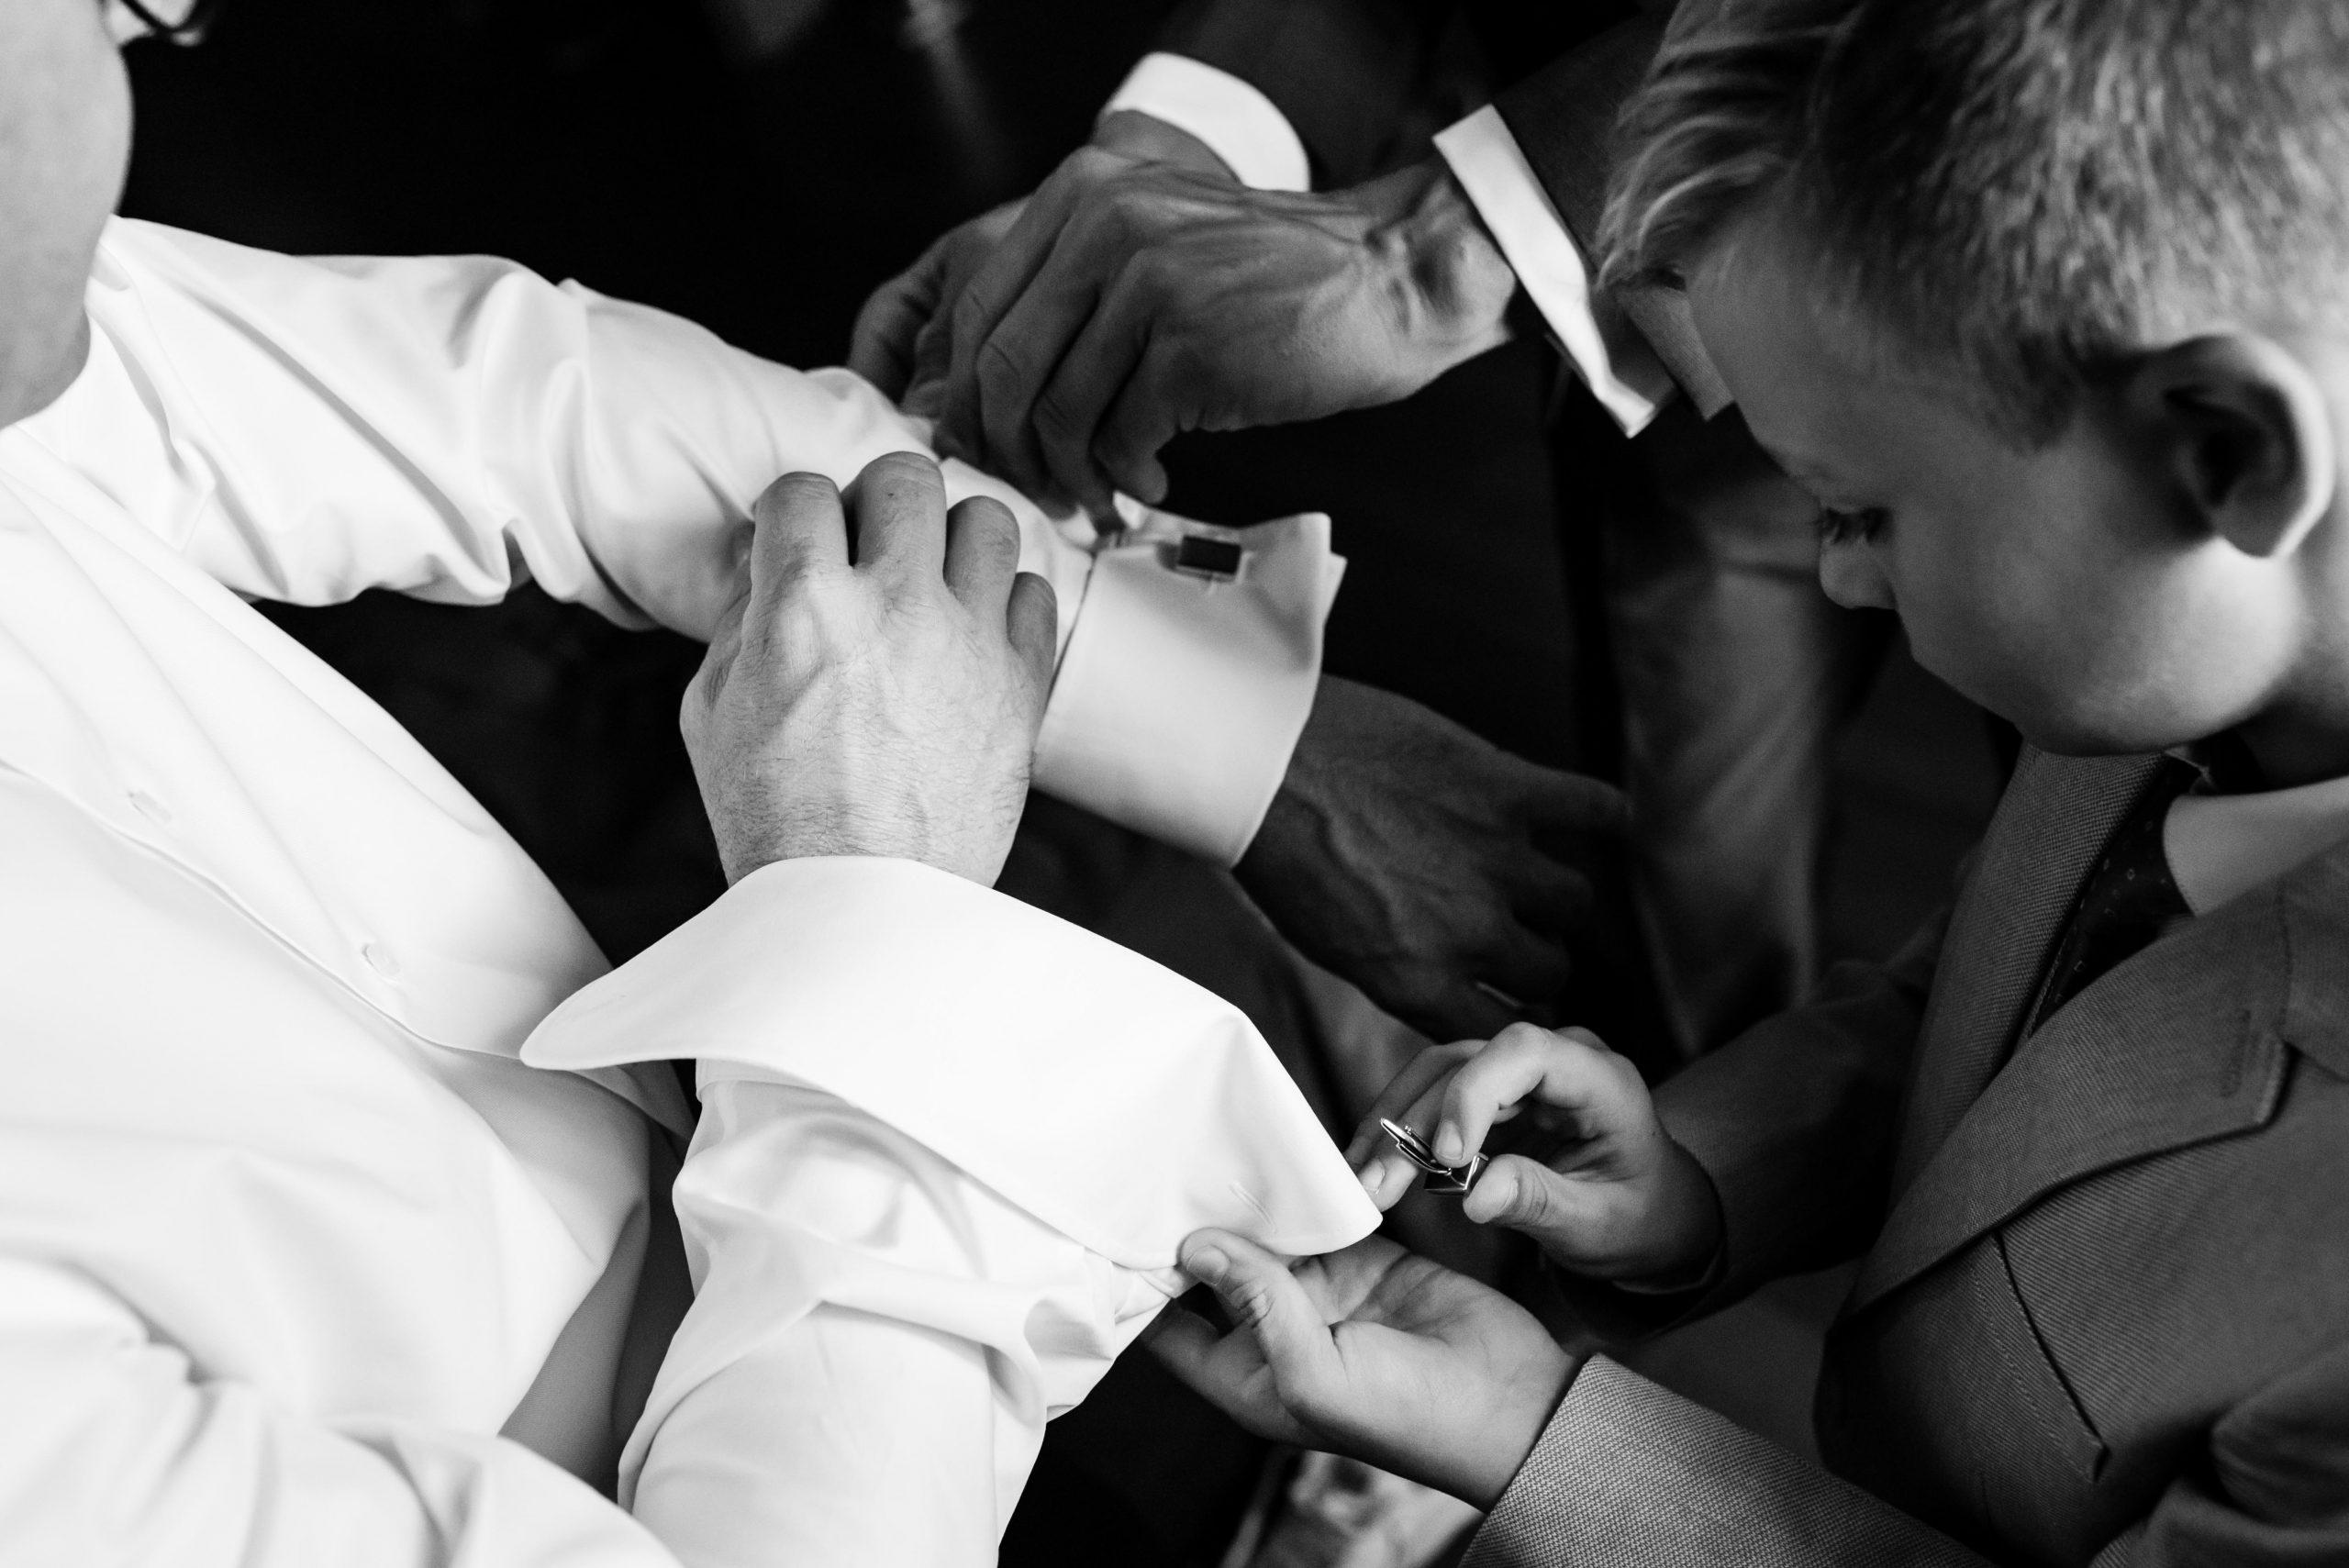 Zoon helpt zijn vader met zijn manchetknopen.